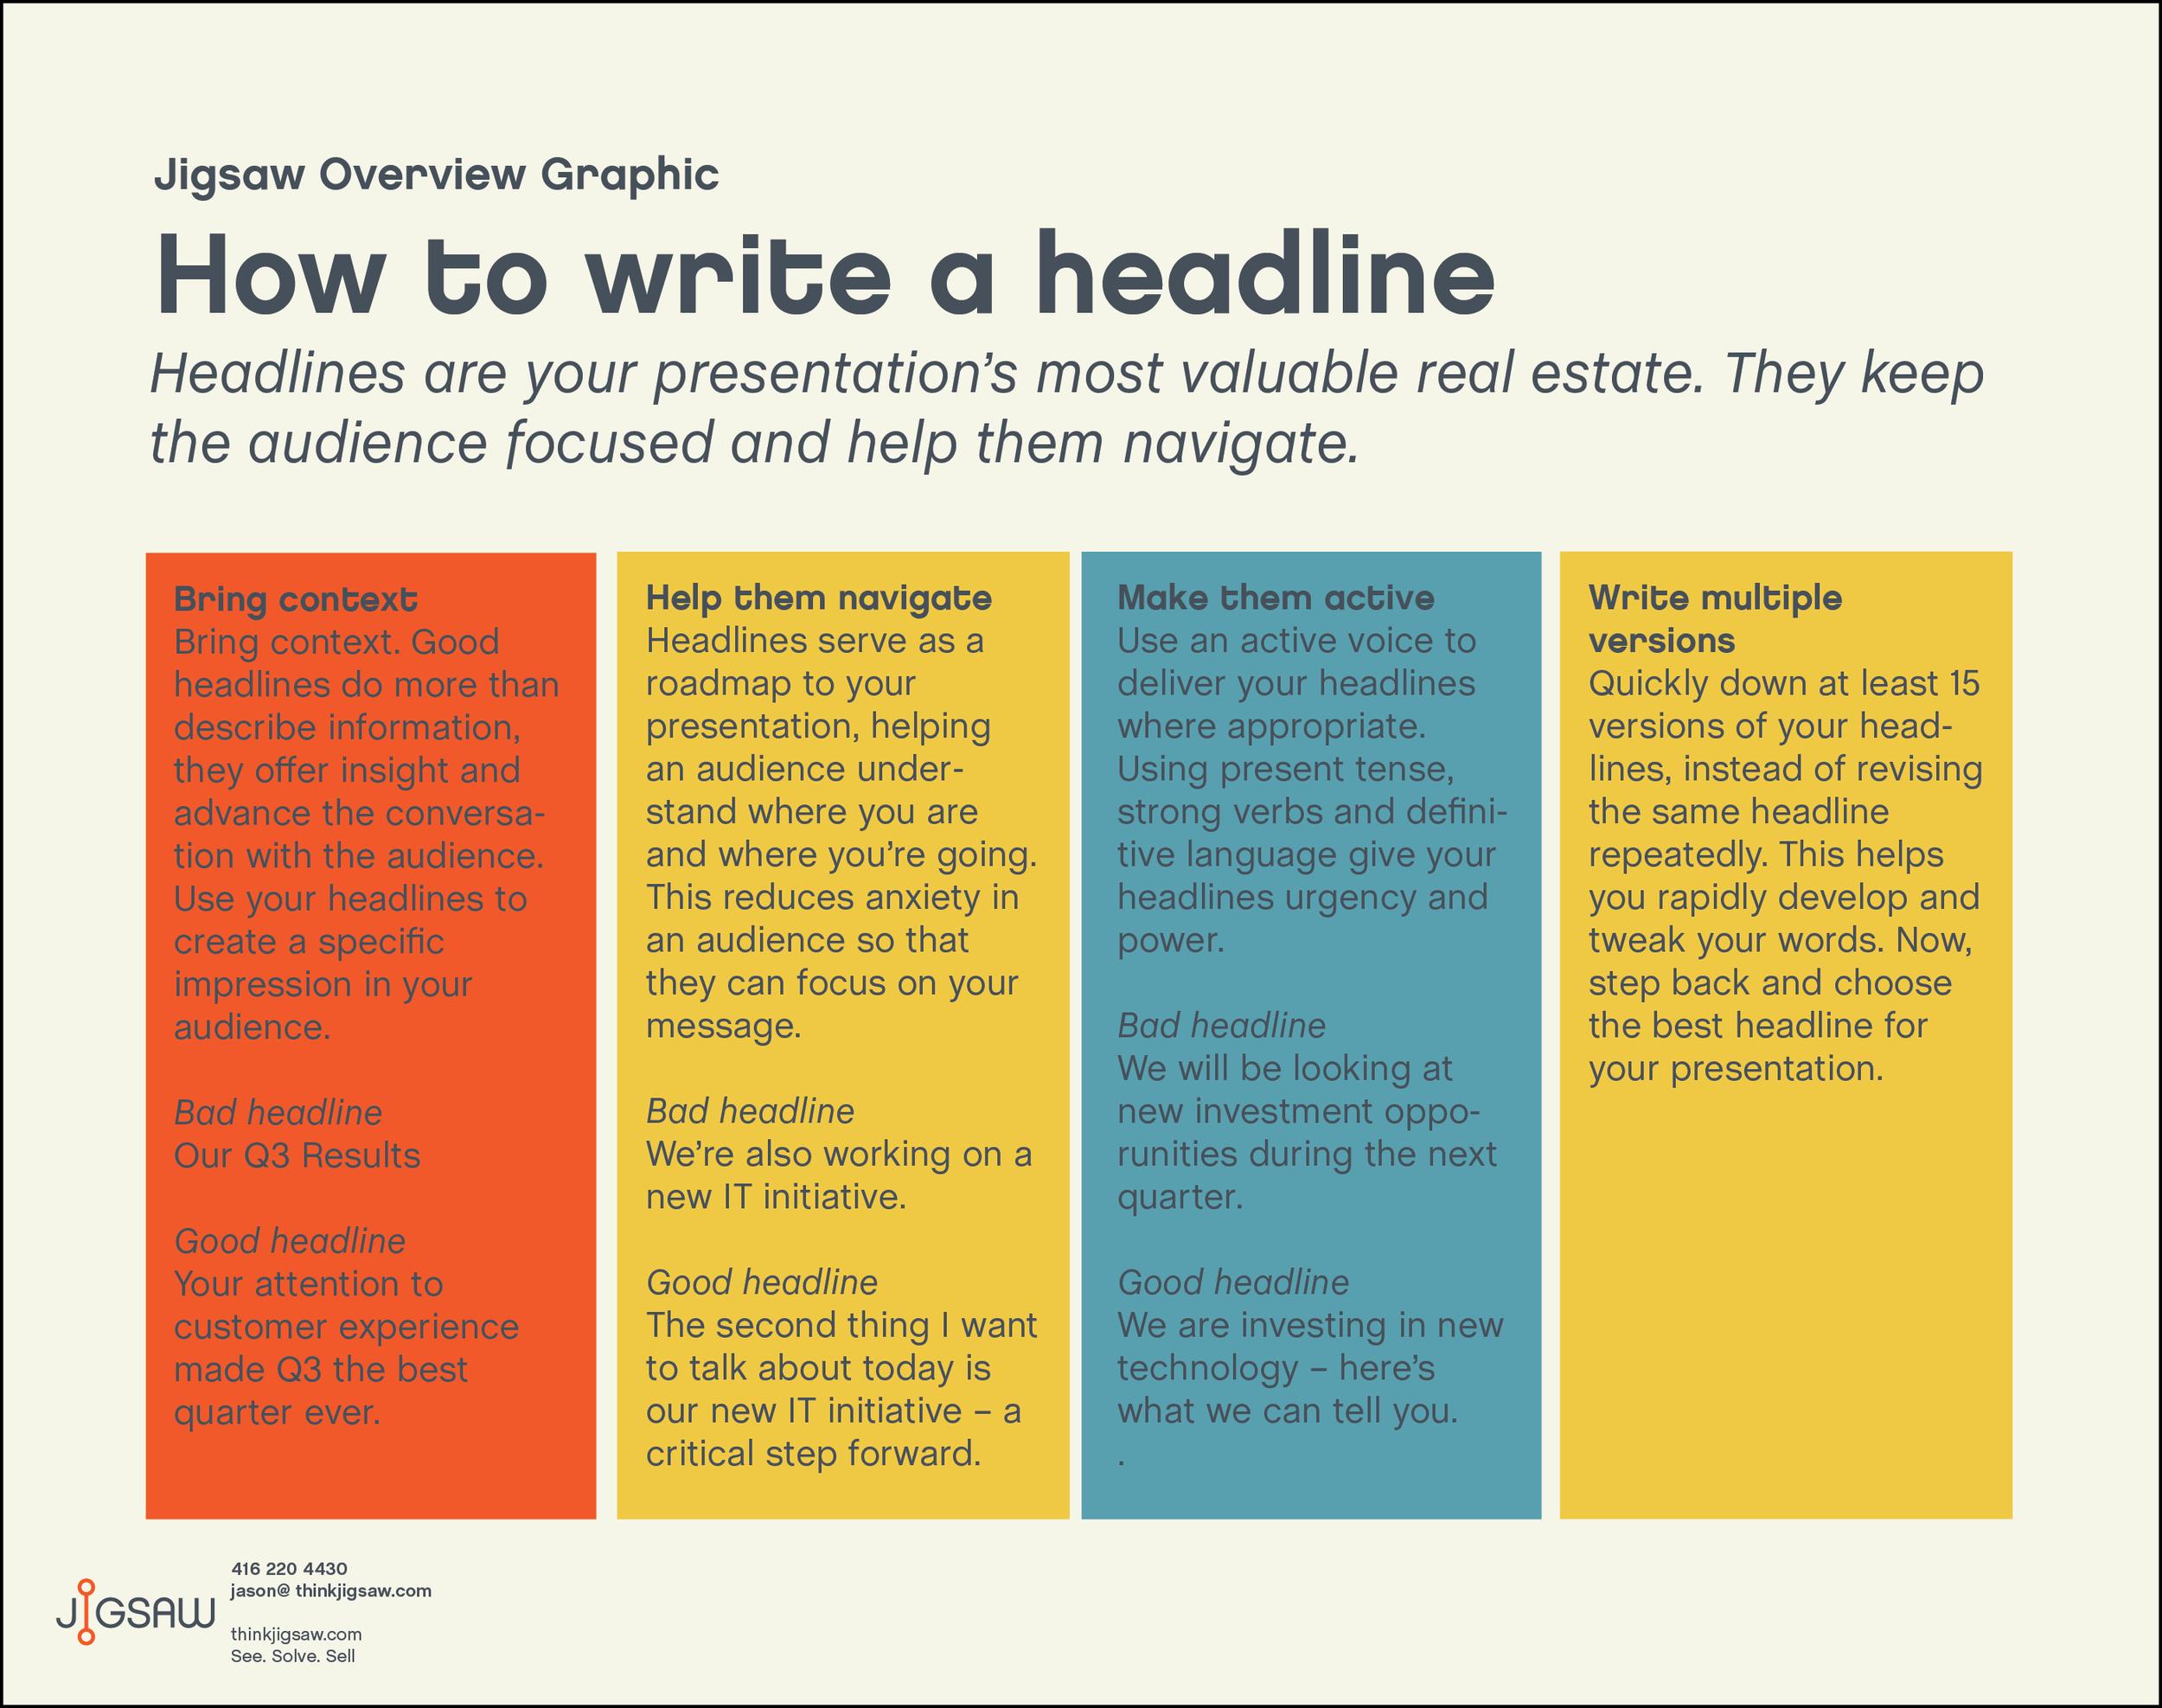 Jigsaw - How to write a headline - 416 220 4430.png